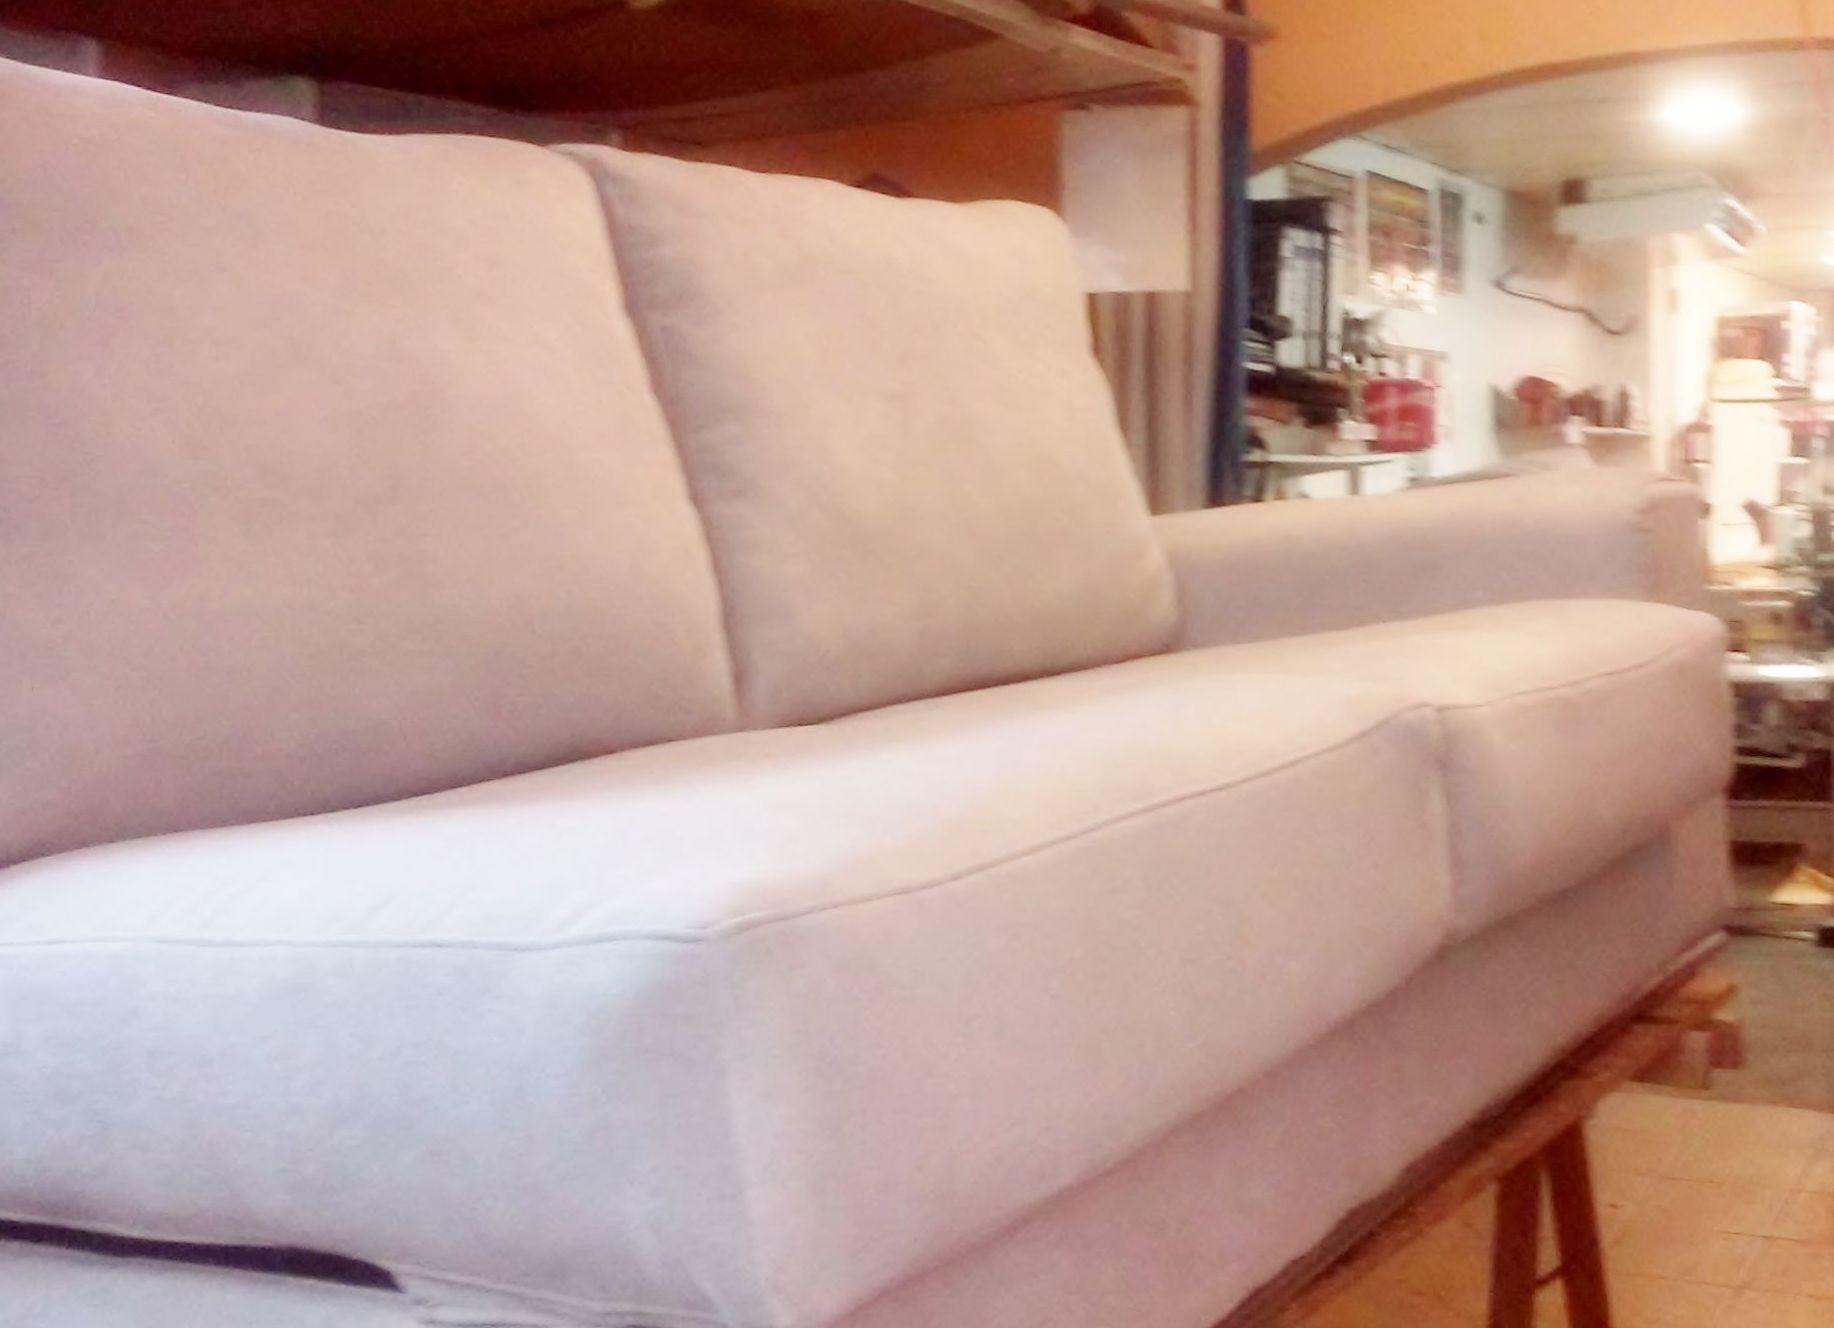 Sofá en su proceso final de tapizado, listo para entregar